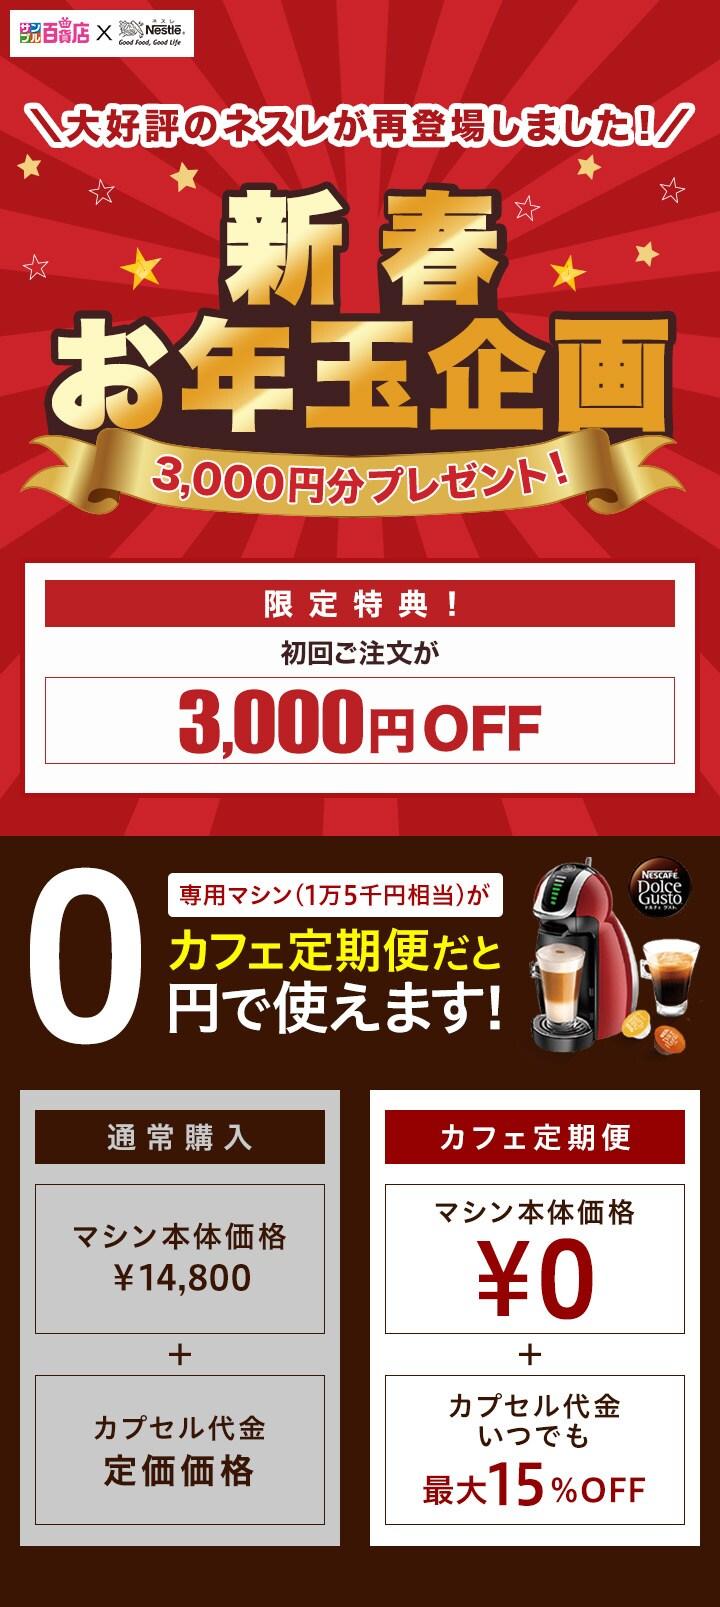 dショッピングサンプル百貨店 × Nestle キャンペーン